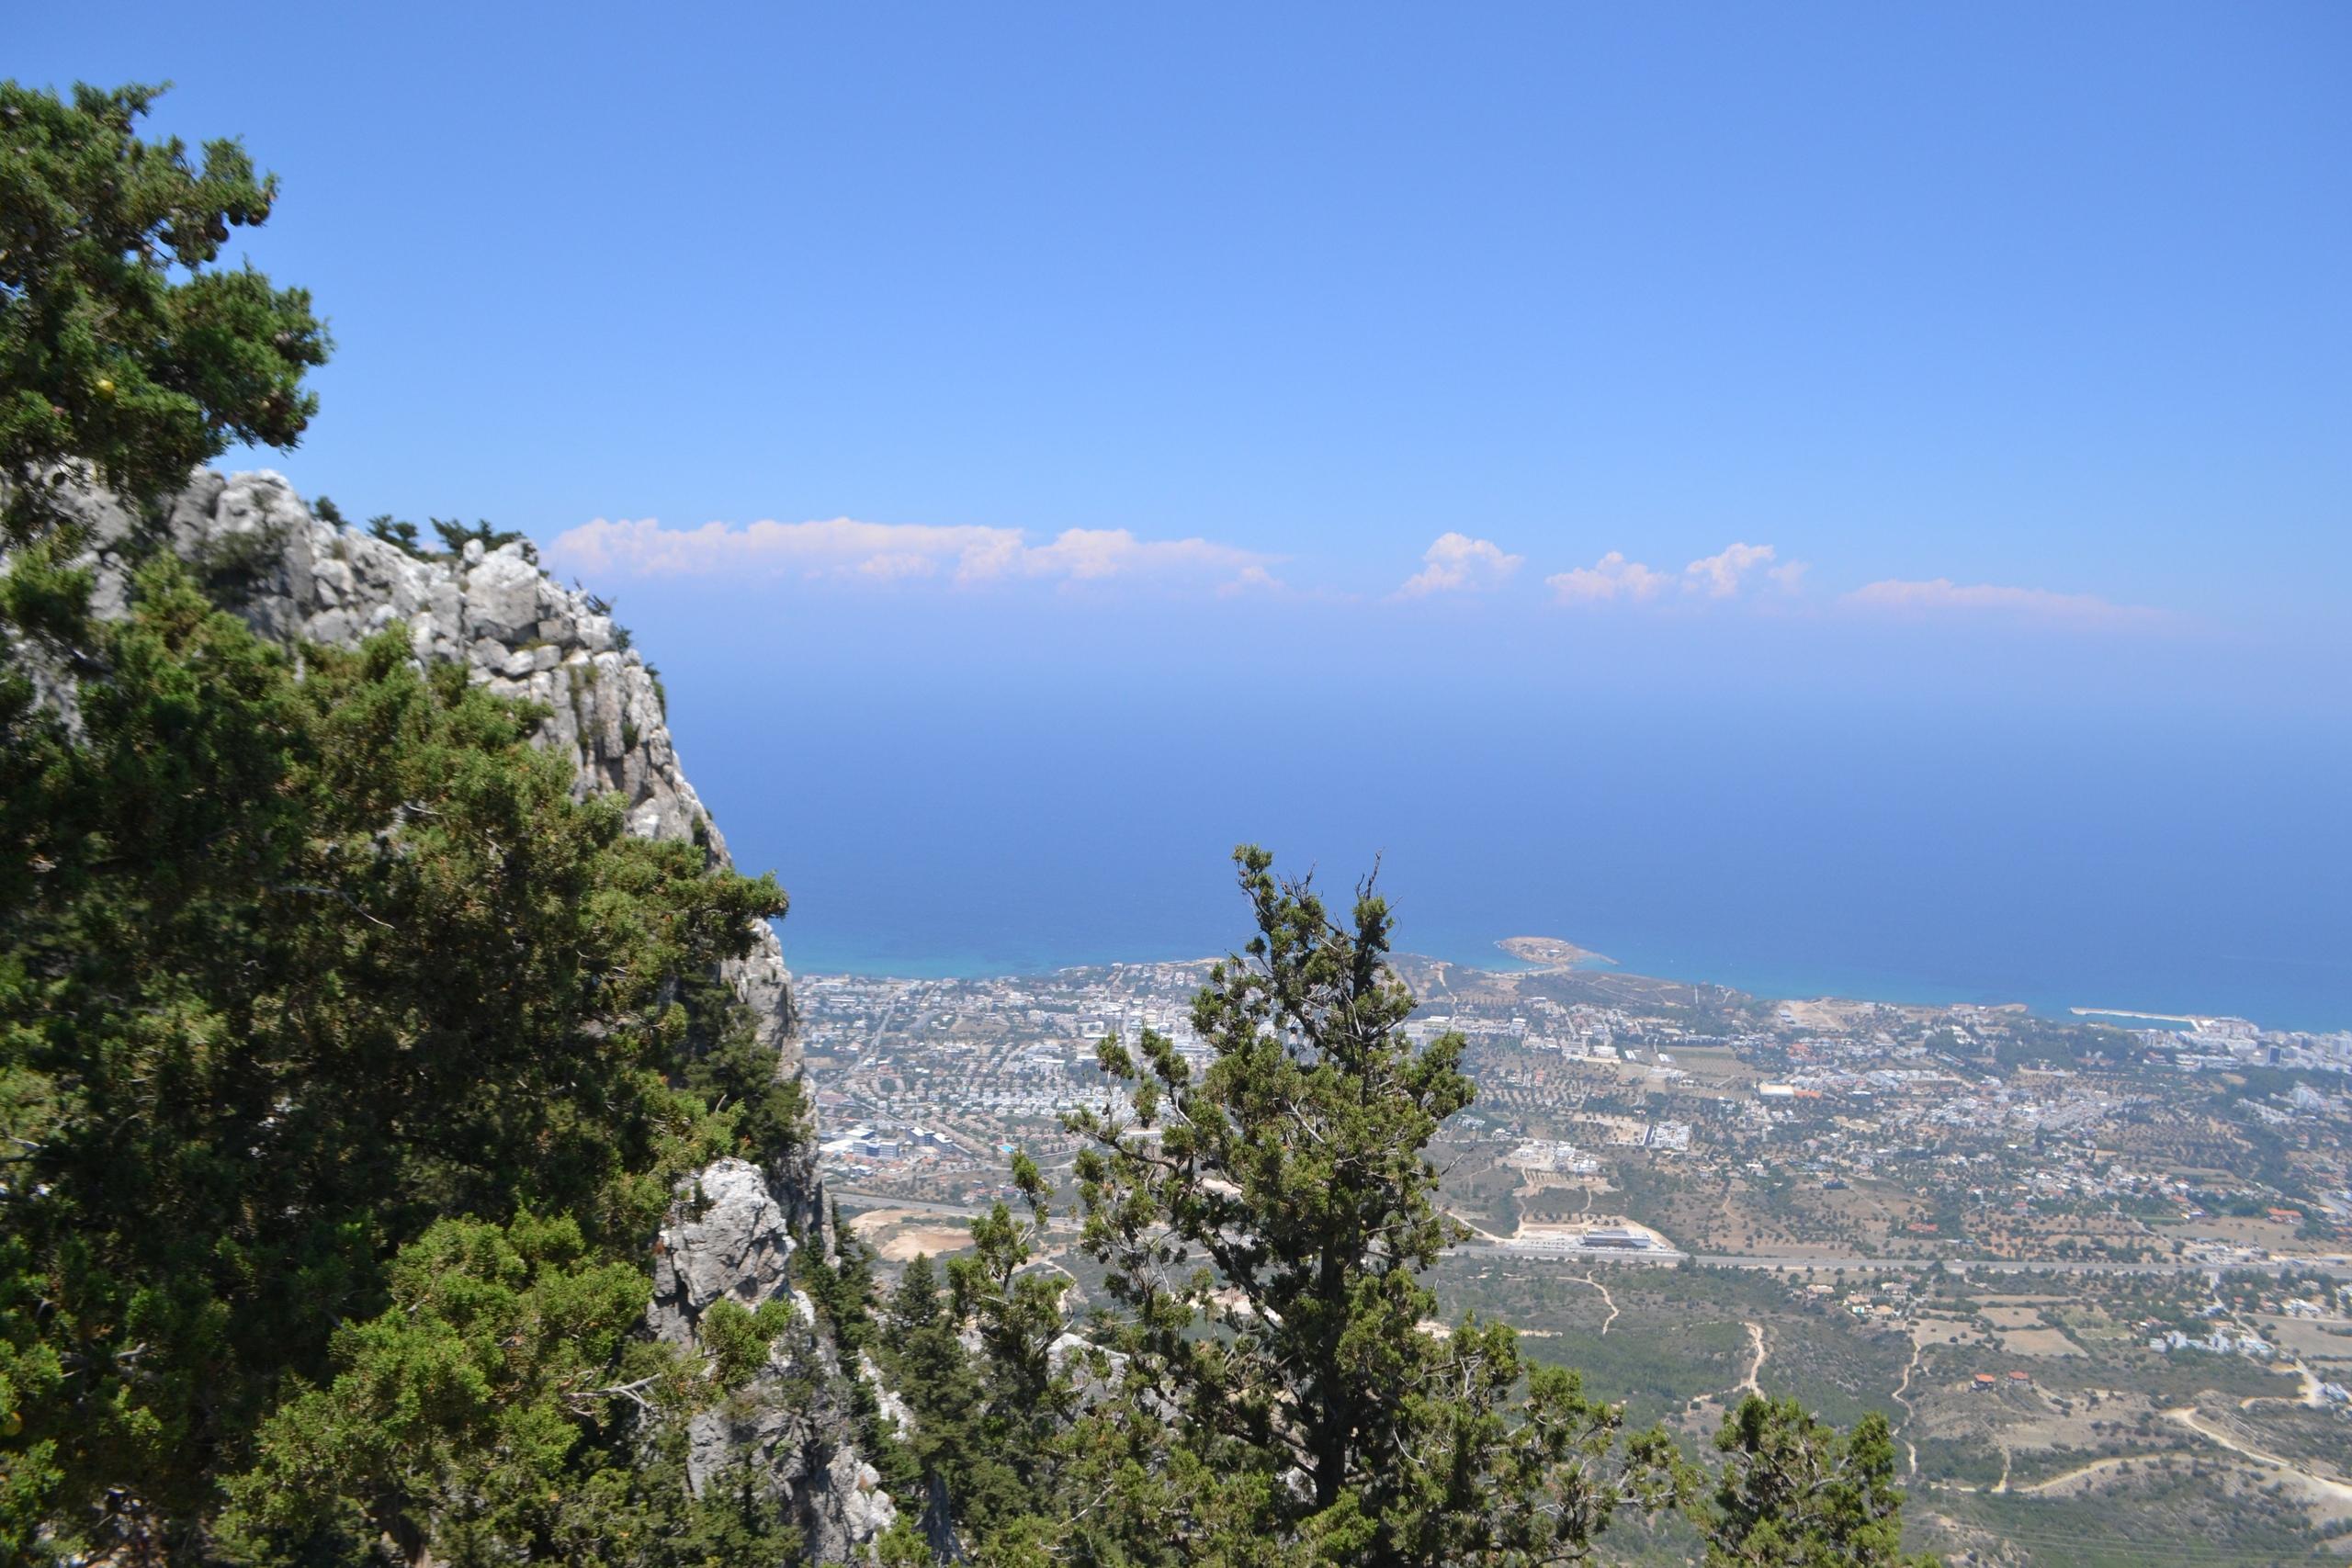 Северный Кипр. Замок Святого Иллариона. (фото). - Страница 3 1LVN7J1hVD8